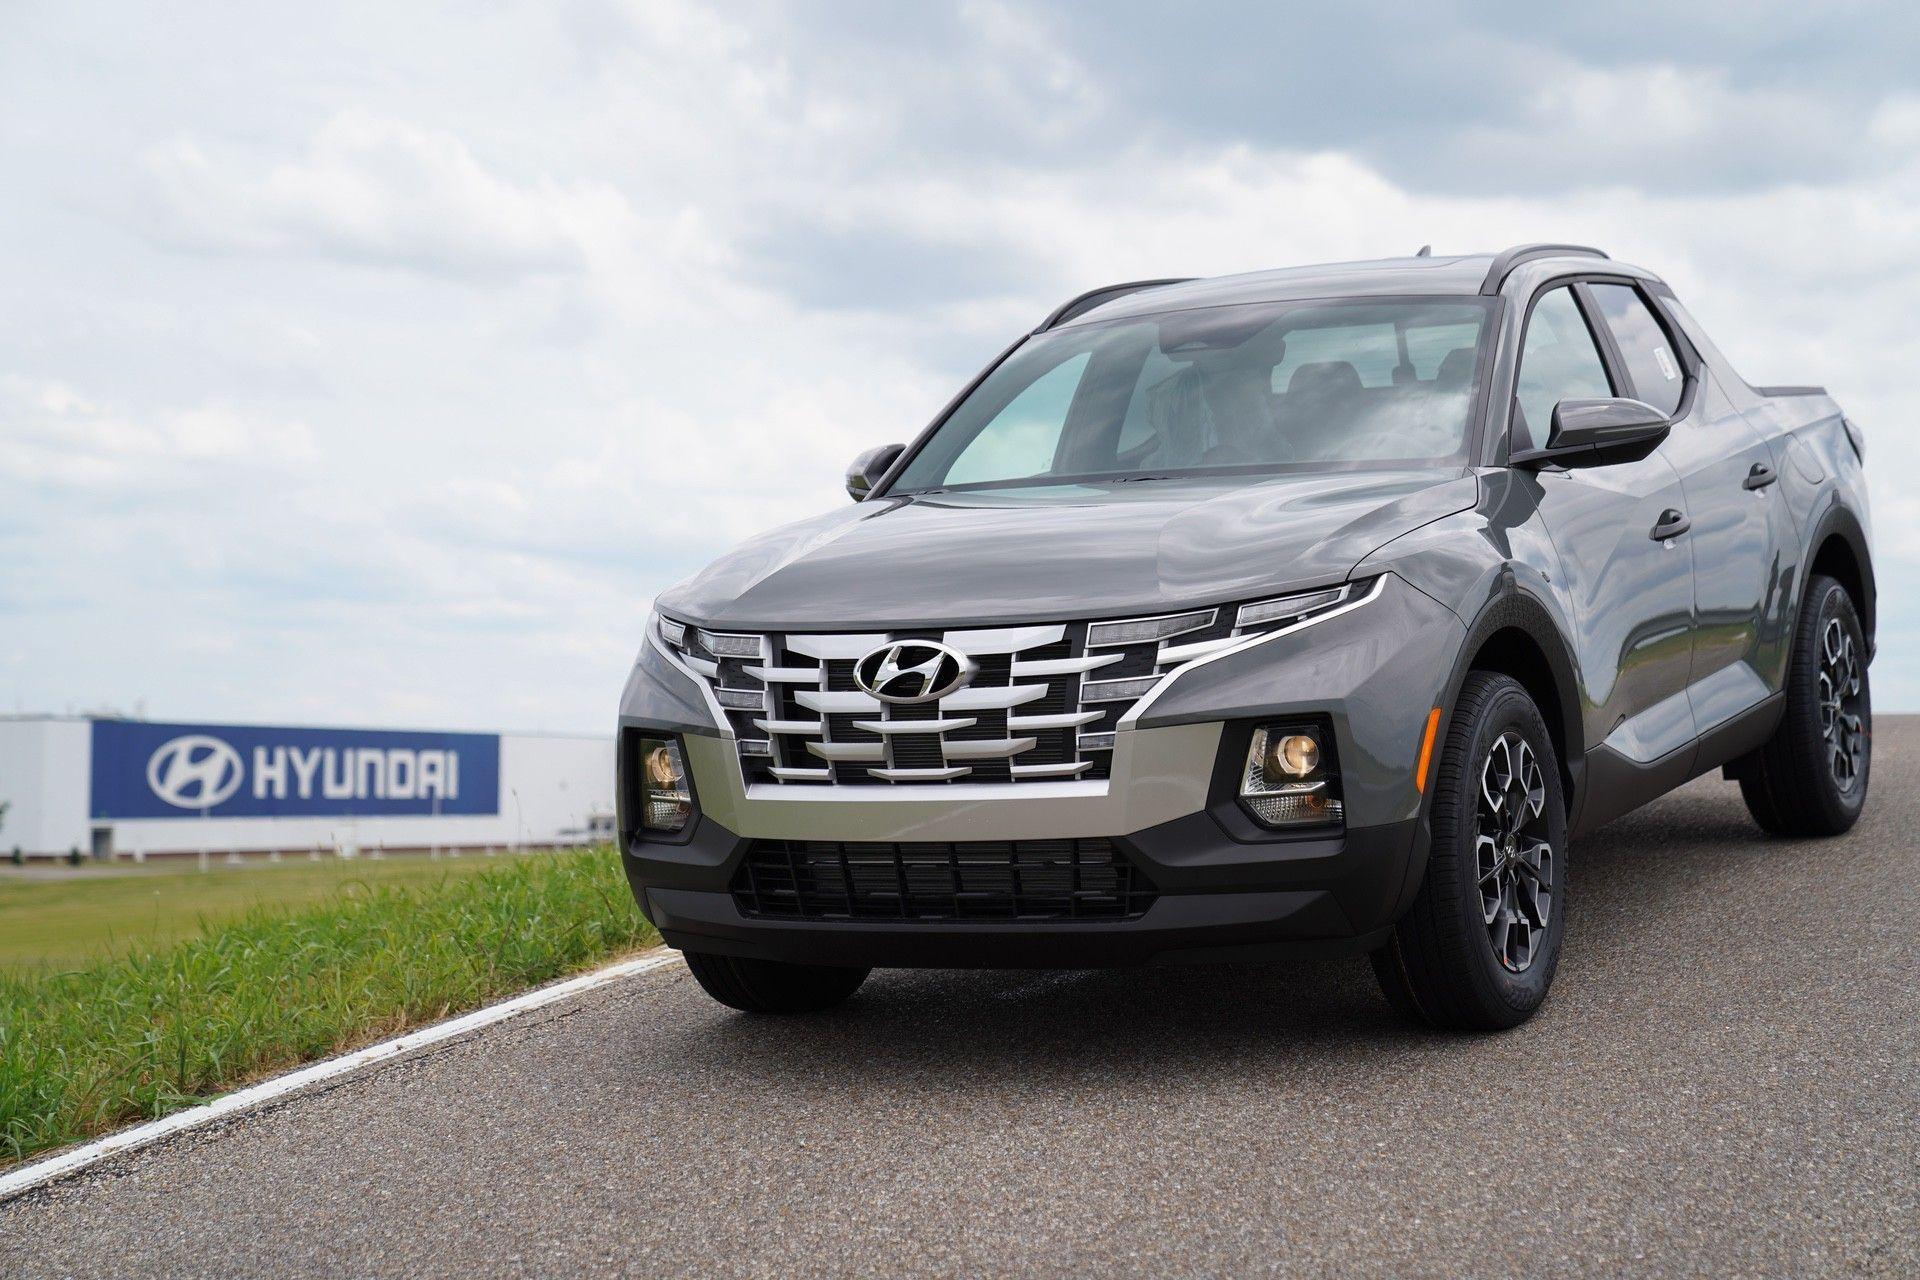 Hyundai_Santa_Cruz_Production-0015